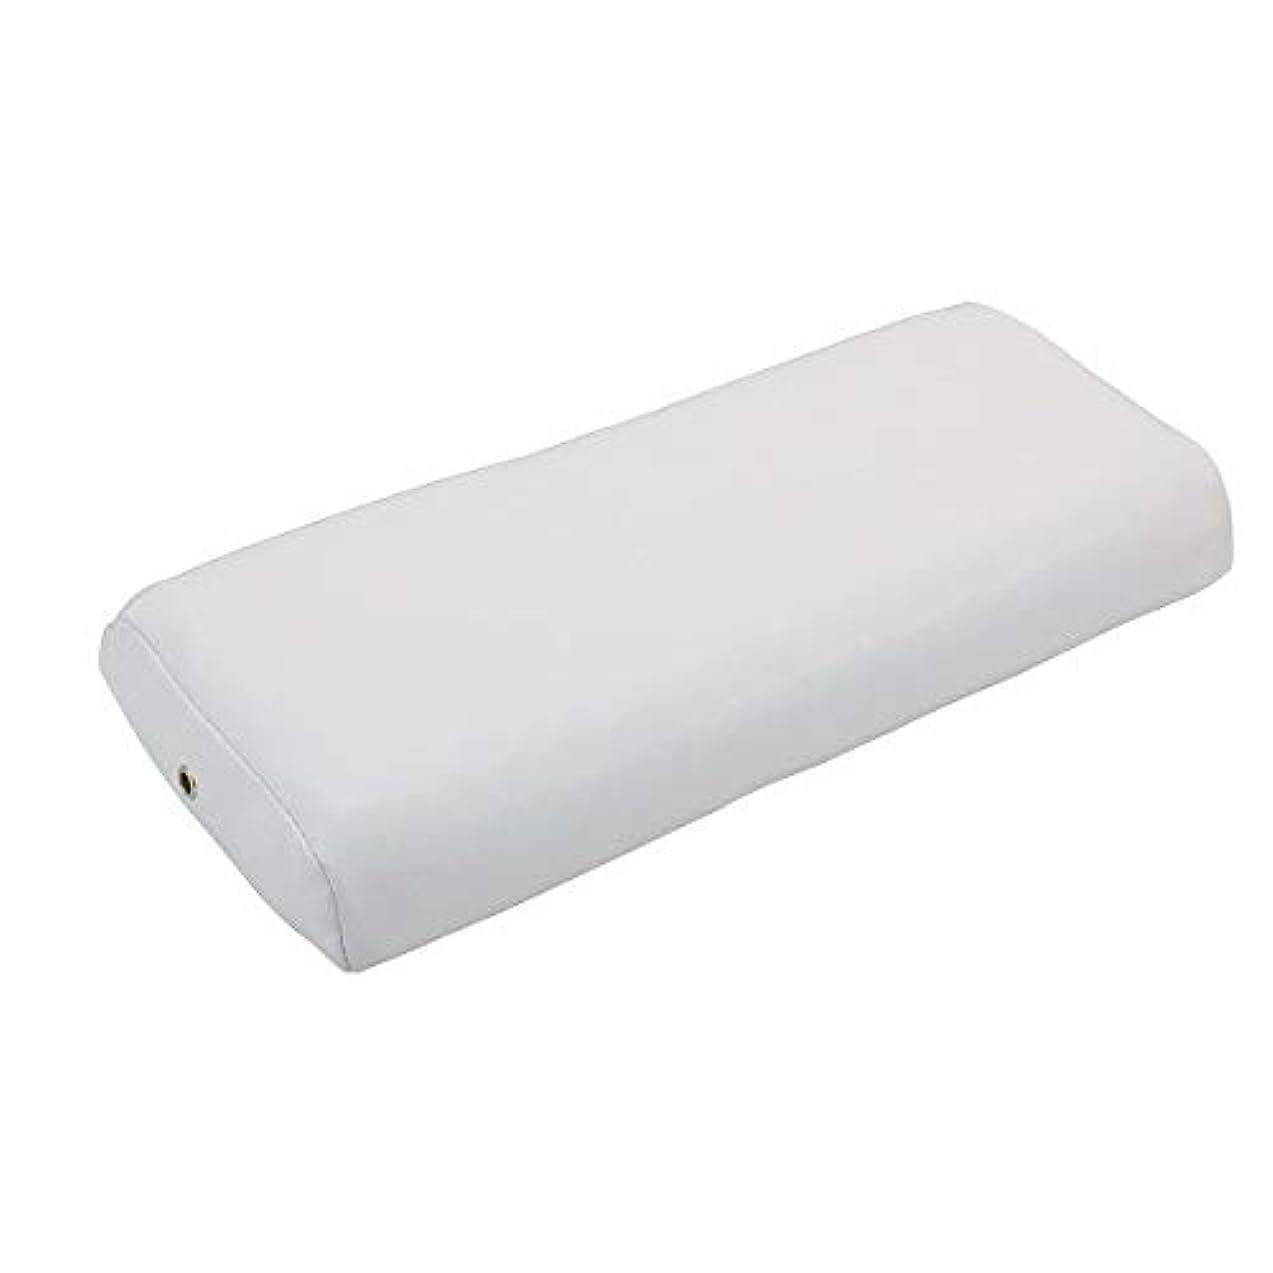 時制接尾辞小学生NEOかどまる枕 FV-921 【 ホワイト 】 フェイスまくら フェイス枕 うつぶせ枕 マッサージ枕